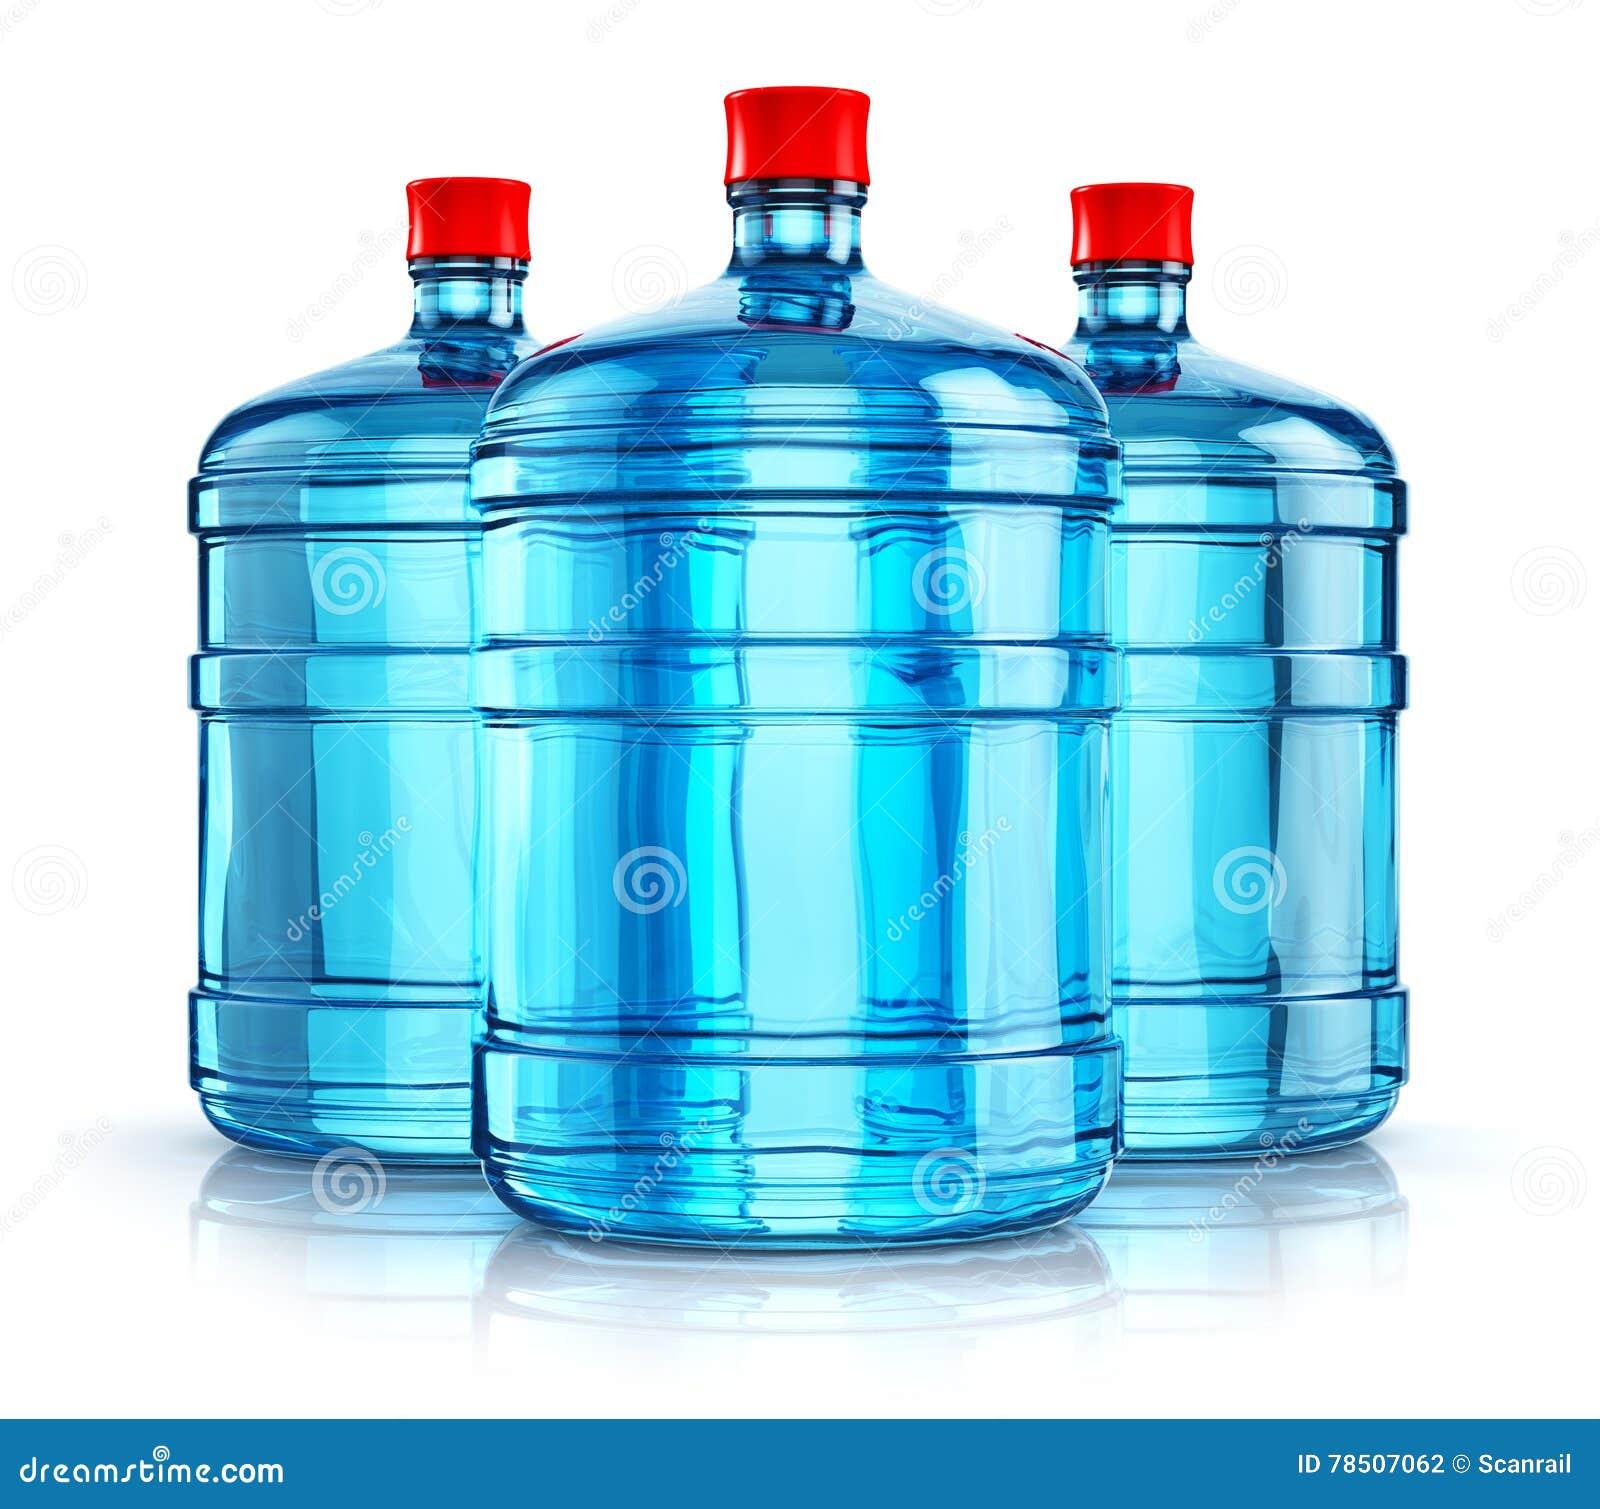 Hvor Mange Liter Er Det I En Gallon